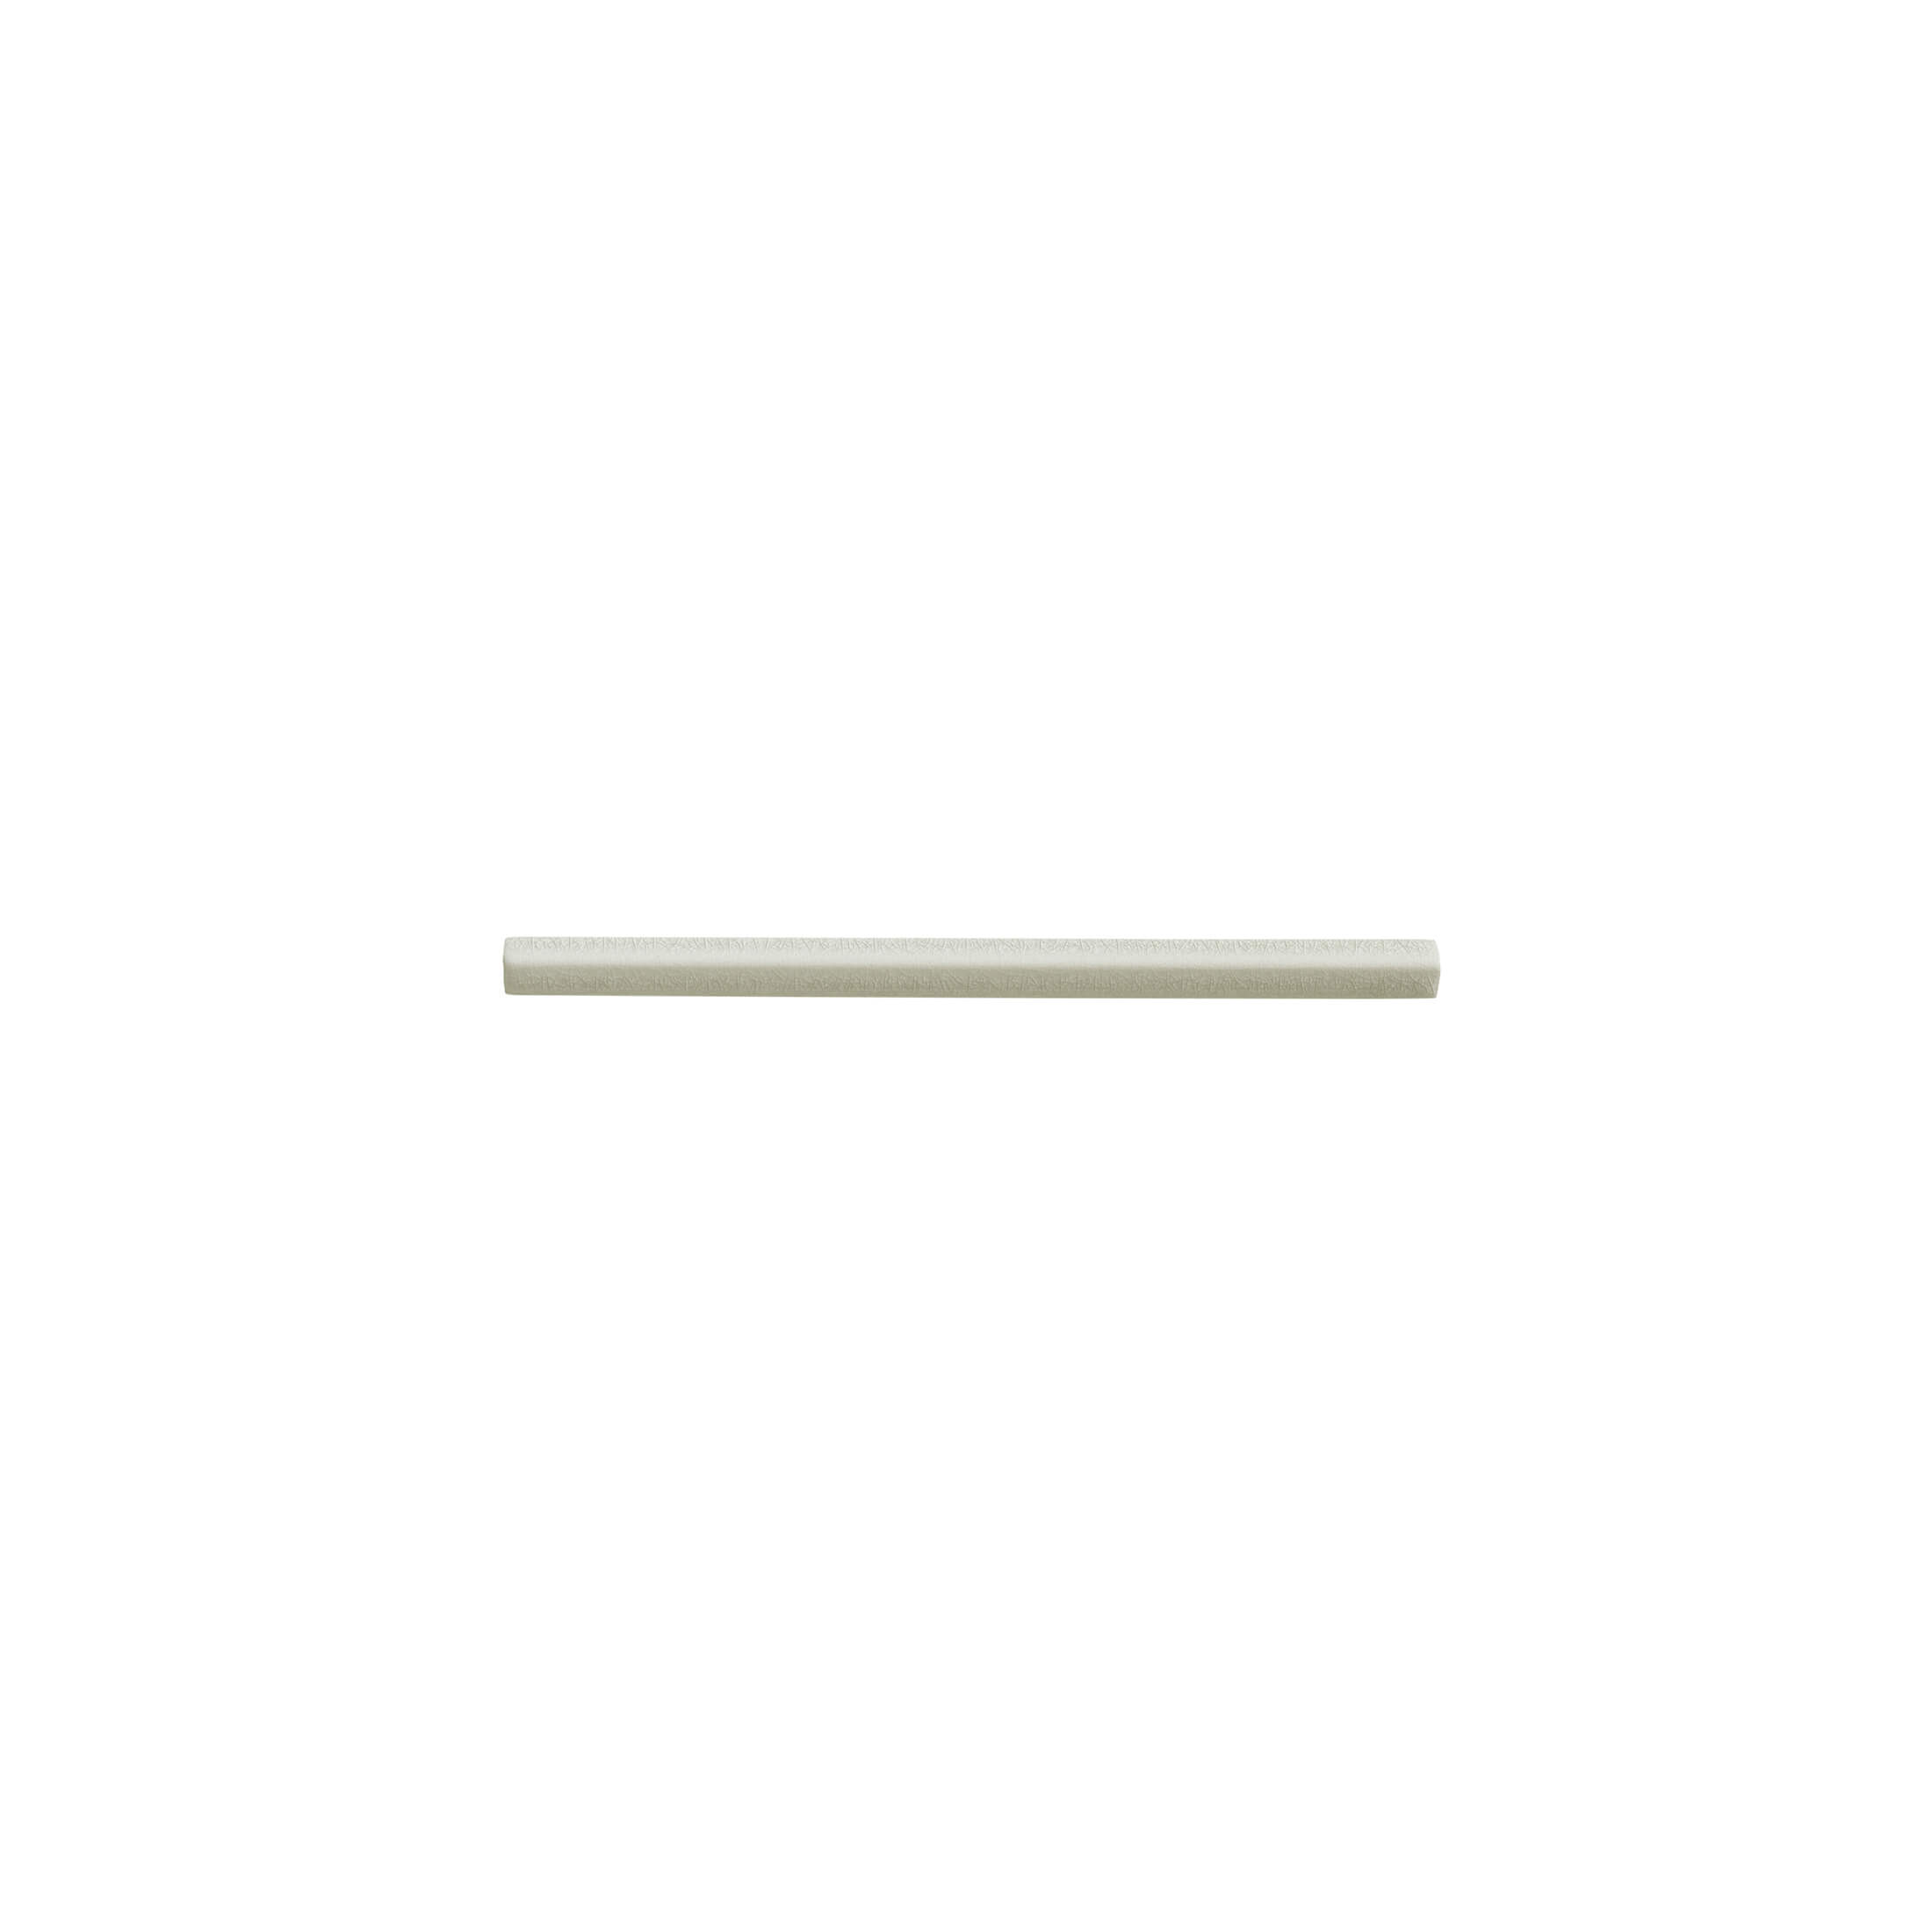 ADOC5097 - BULLNOSE TRIM - 0.85 cm X 15 cm